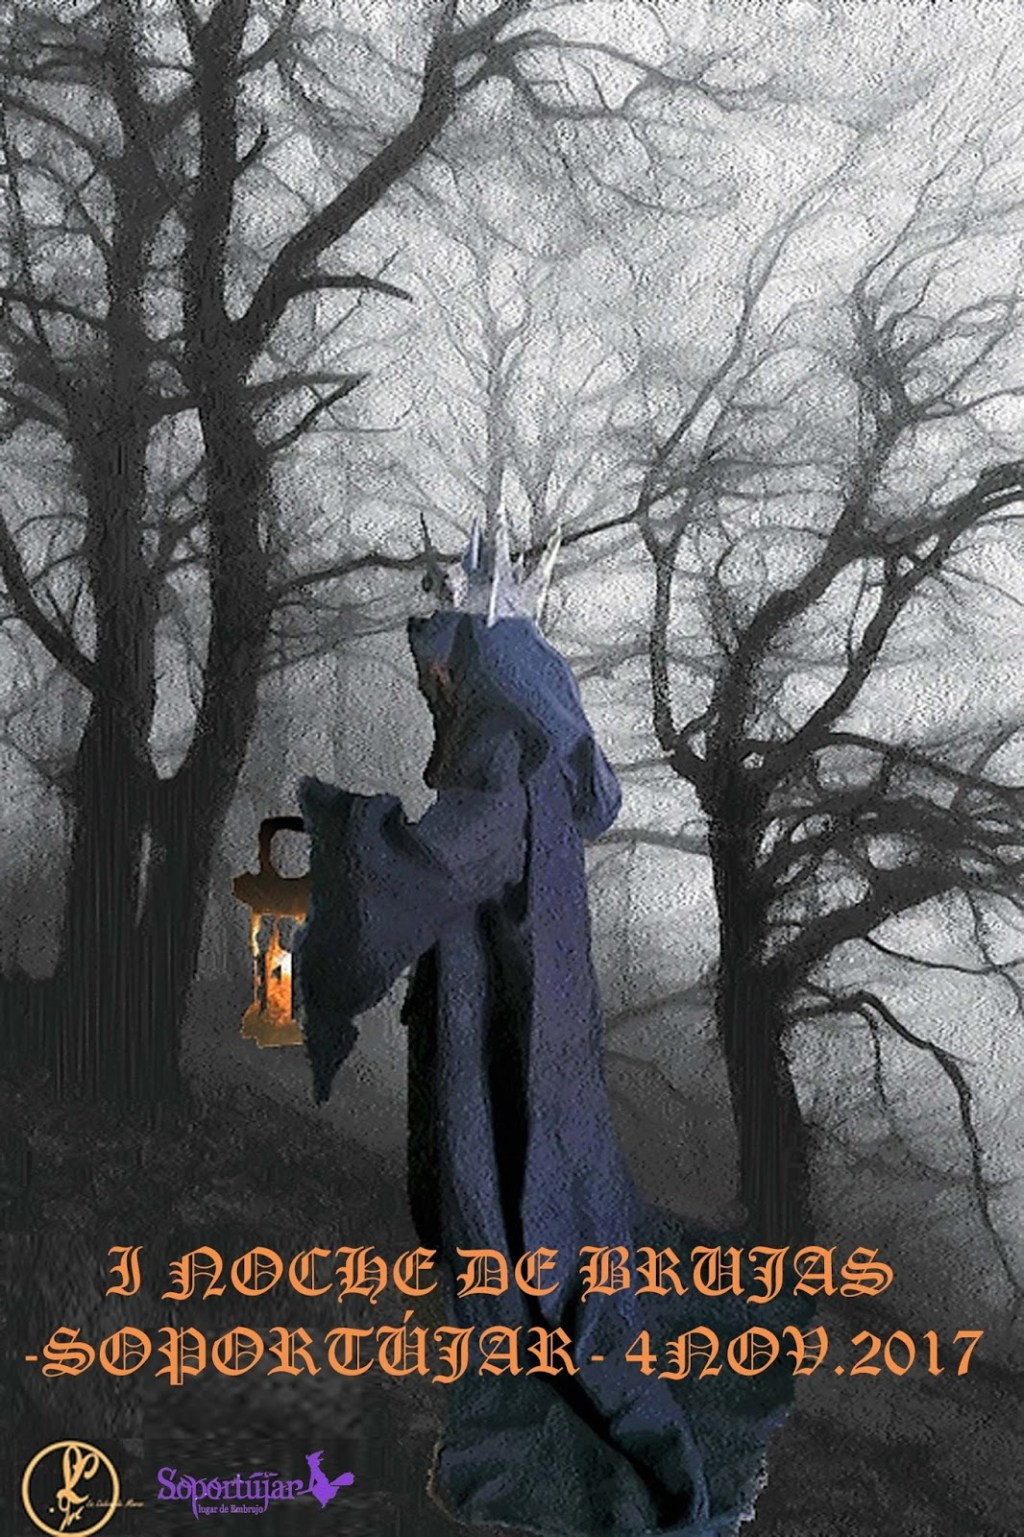 Noche de las brujas